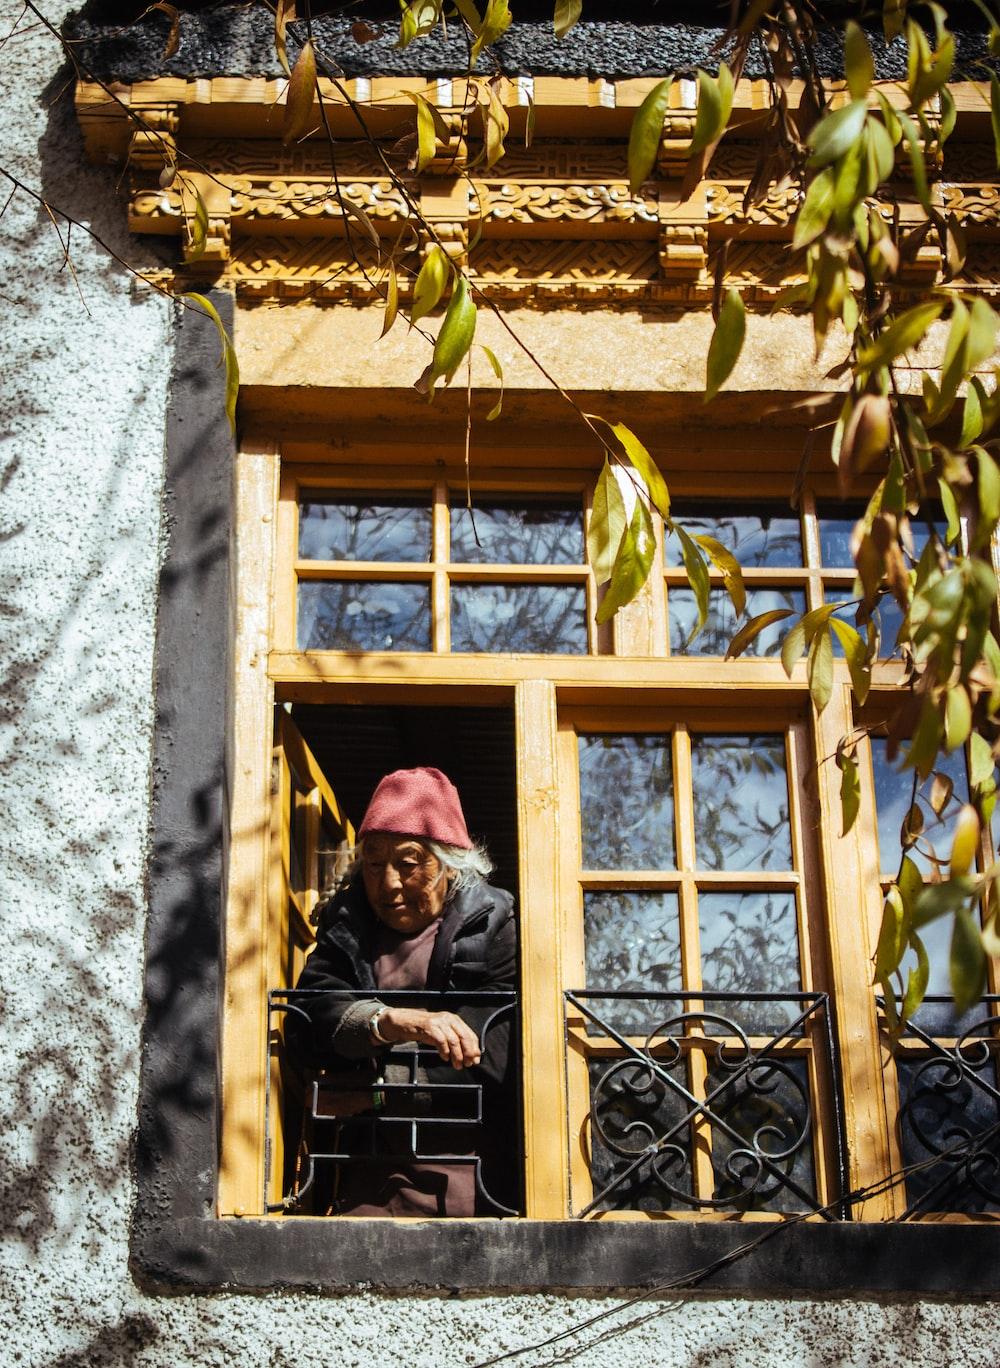 woman standing open window